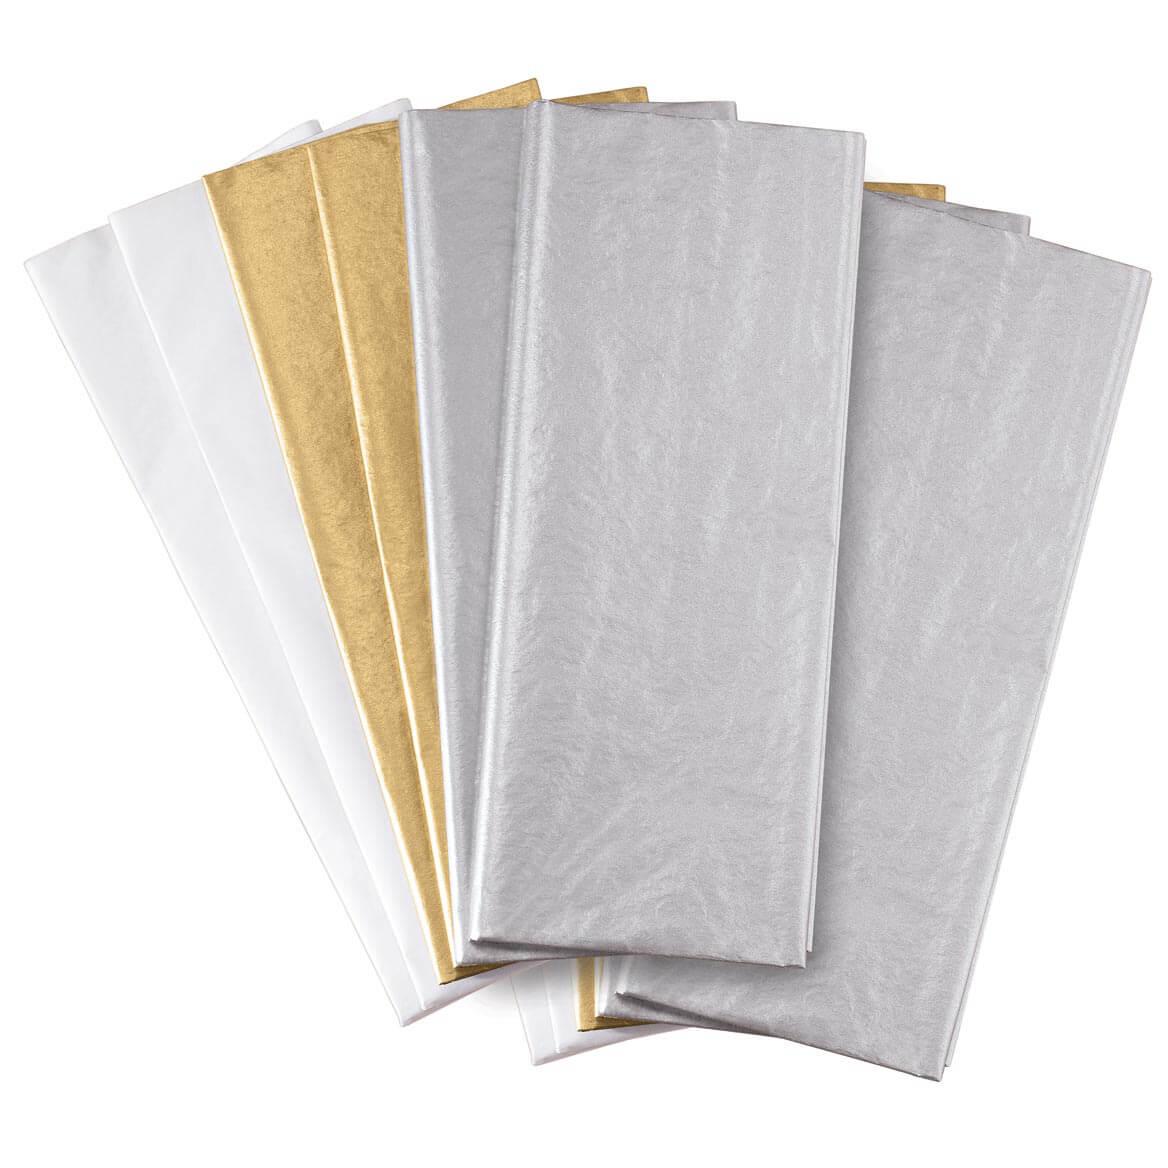 Basic Tissue Paper-Set of 46